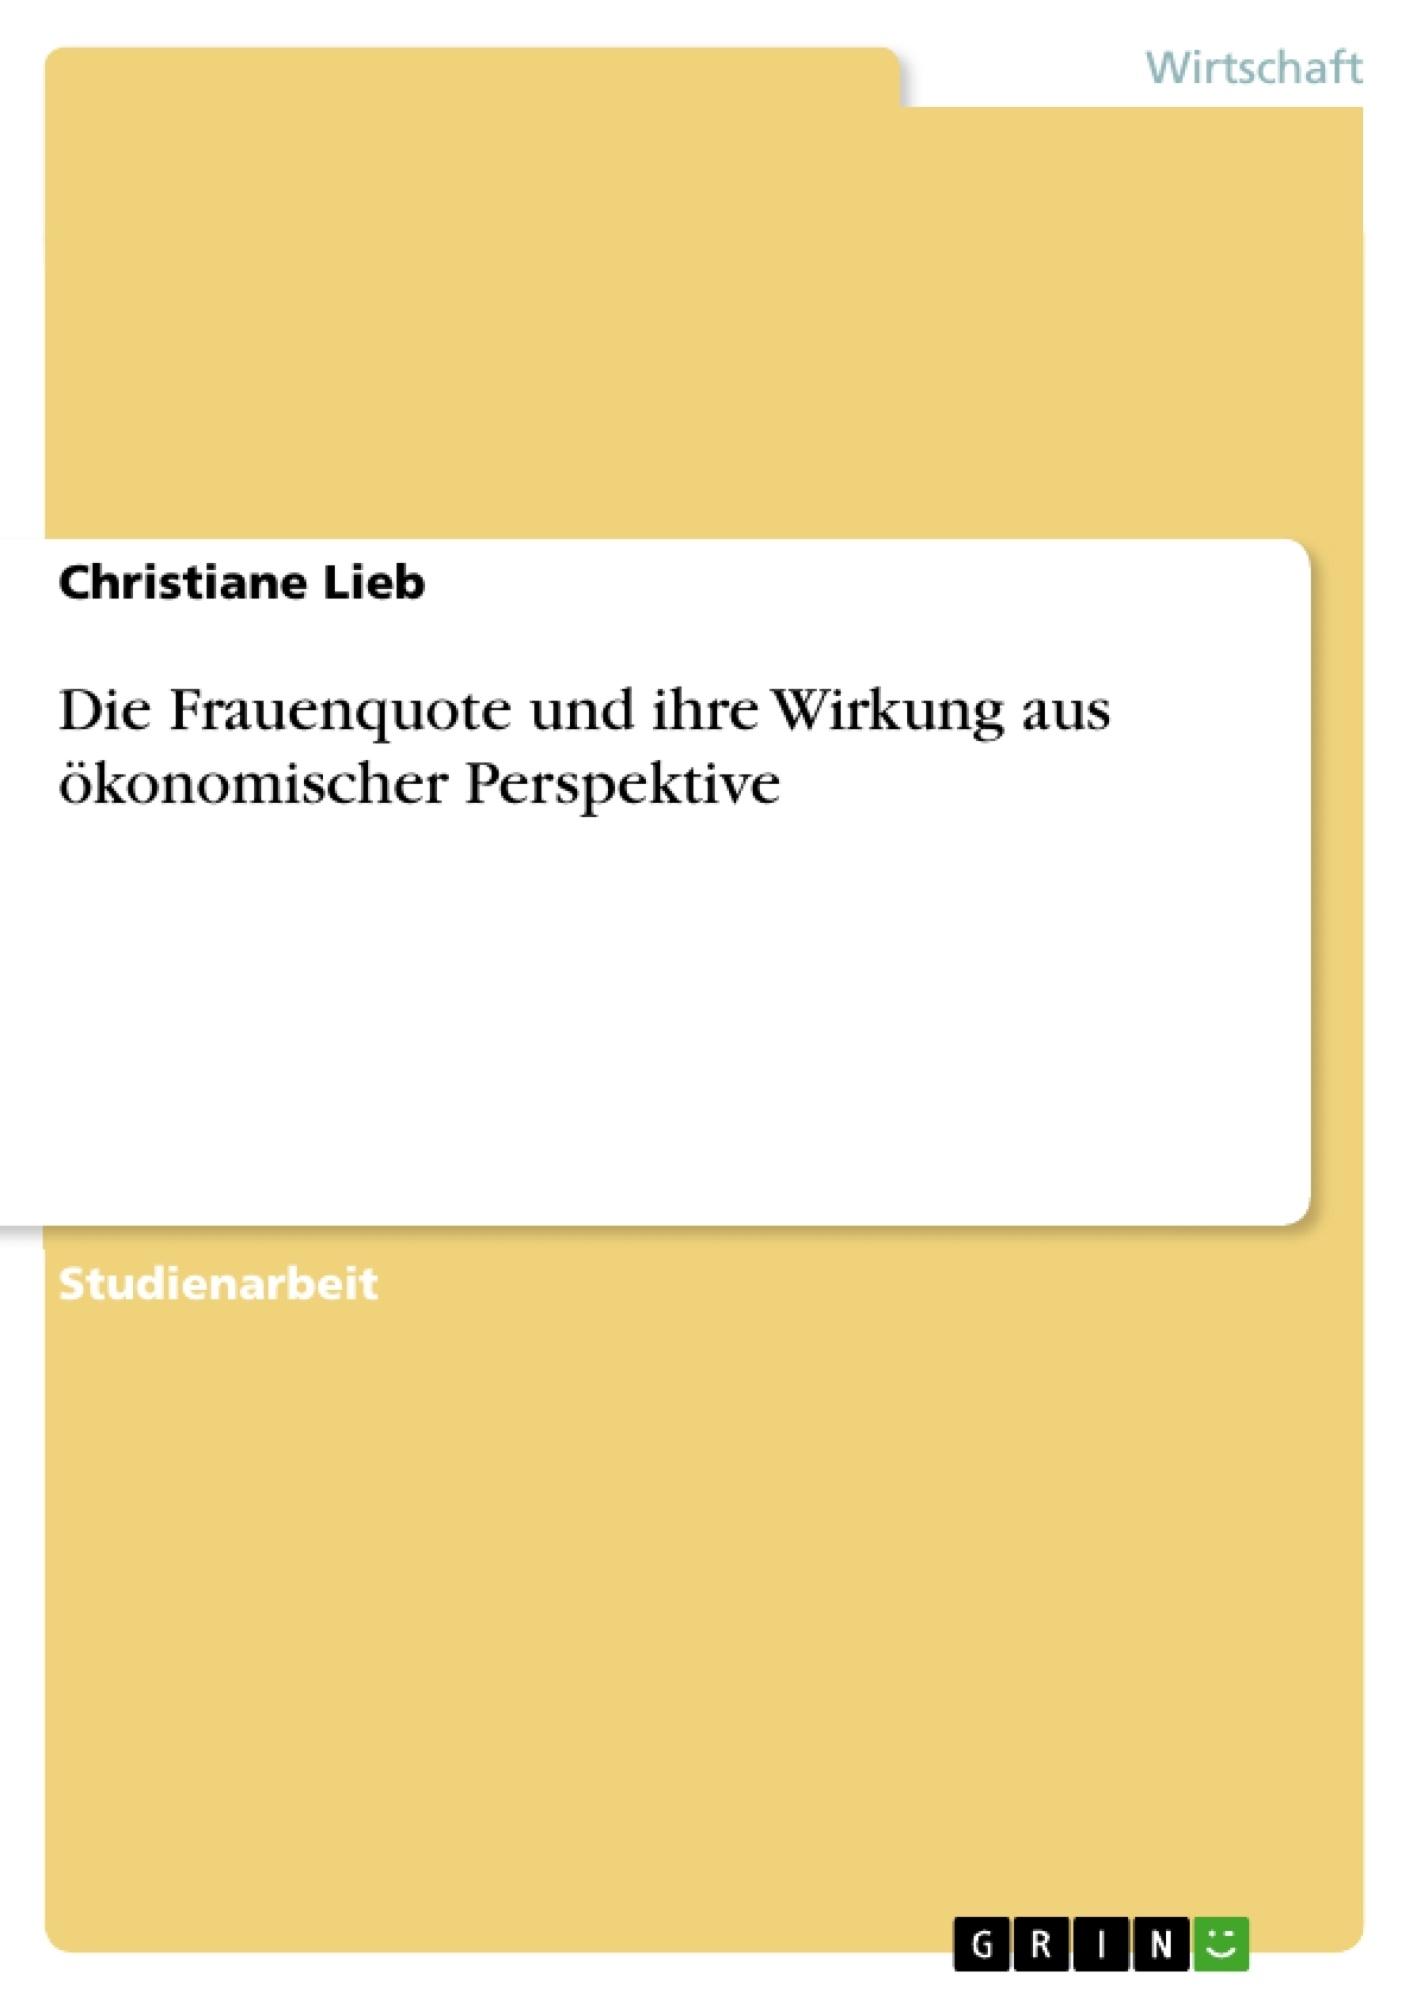 Titel: Die Frauenquote und ihre Wirkung aus ökonomischer Perspektive